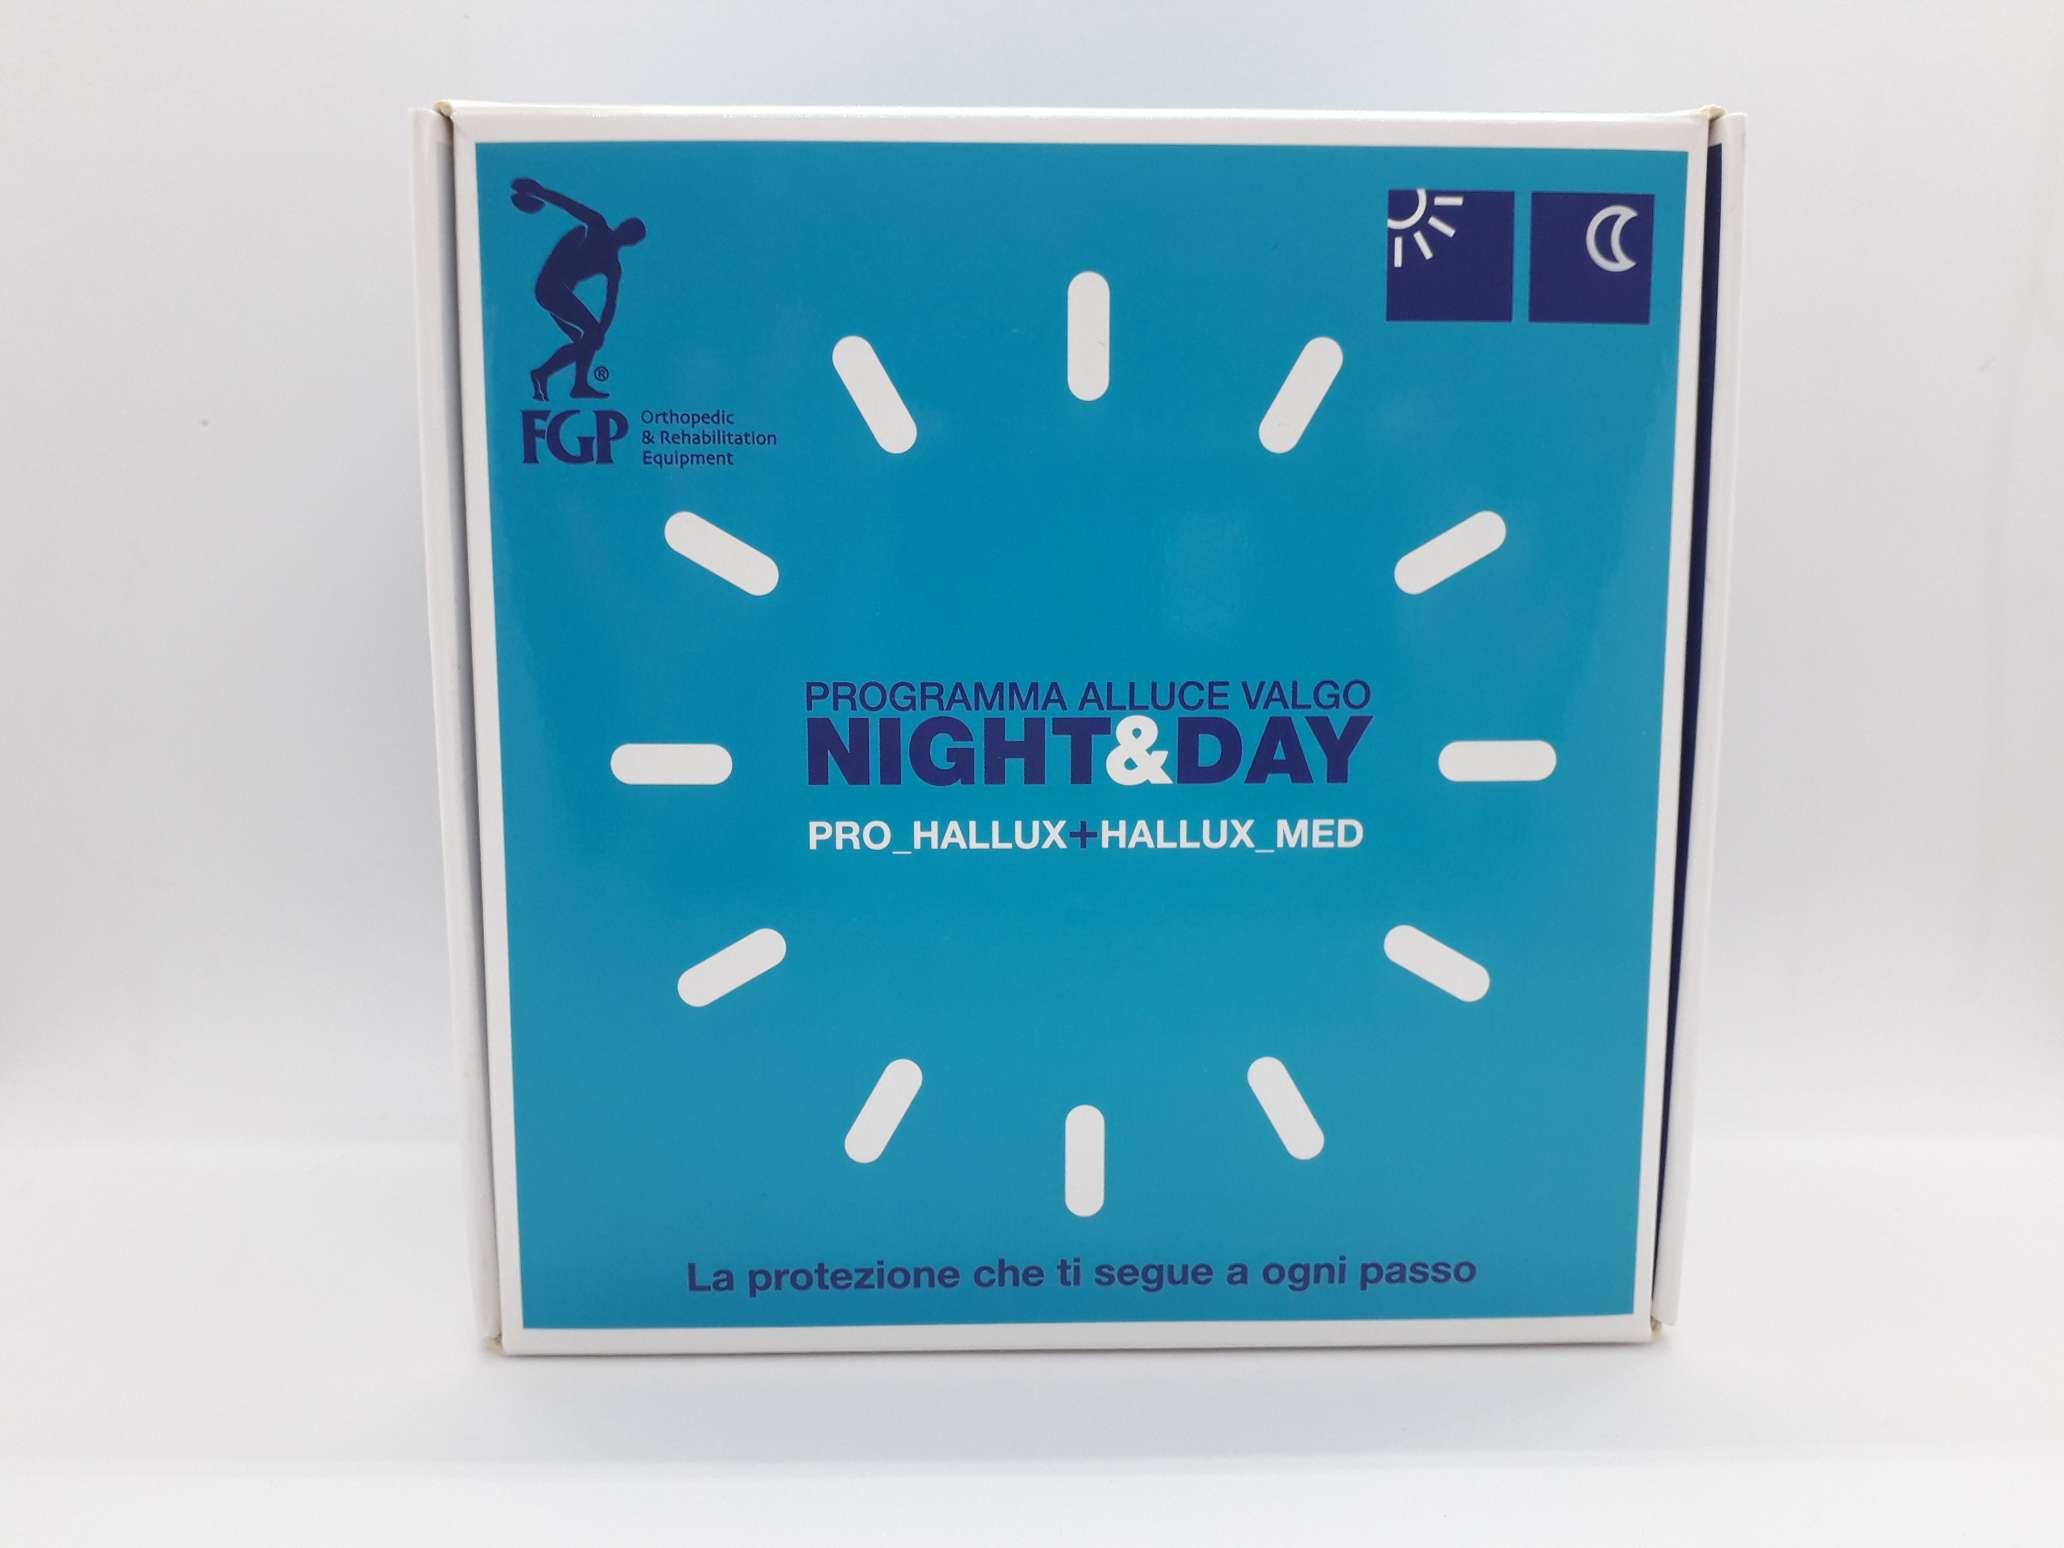 PROGRAMMA NIGHT&DAY ALLUCE VALGO DESTRO SMALL - Farmaciaempatica.it